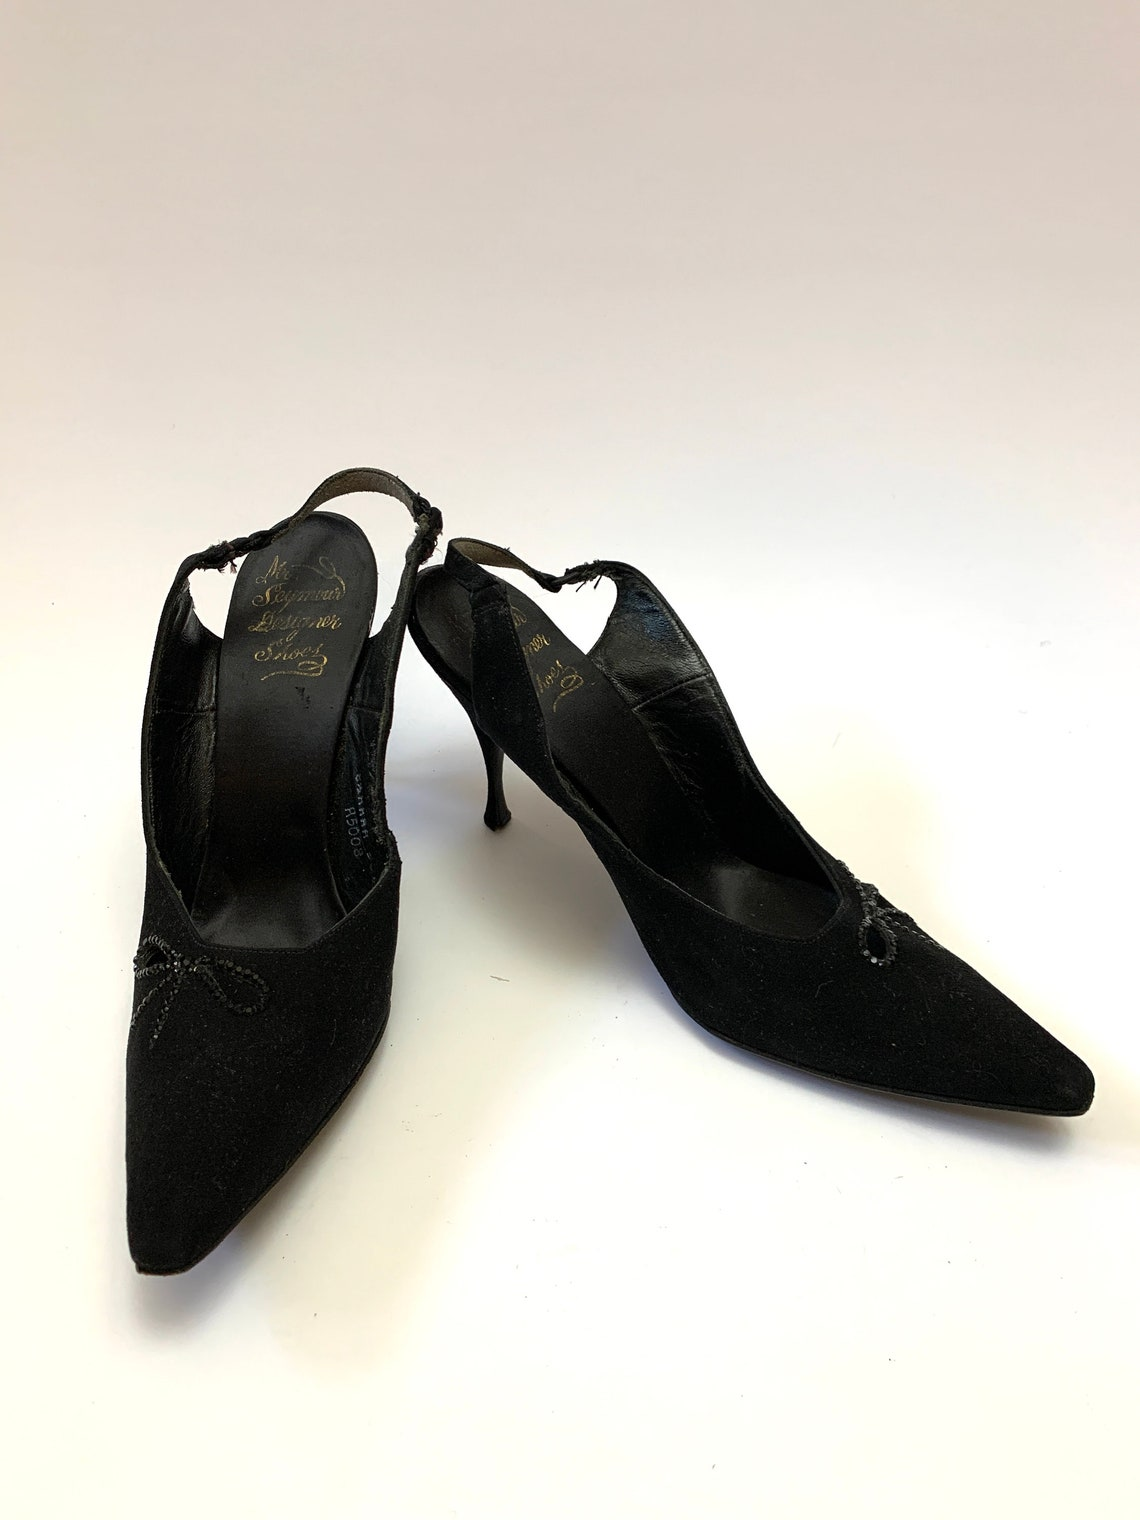 Vintage 1950 Bow Slingbacks // Nero Suede Pointy Toe Stiletto Tacchi di Mr Seymour Designer Scarpe Taglia 8.5 - Scarpe alla moda ALYh0KzI SwcY8r UrzYRg